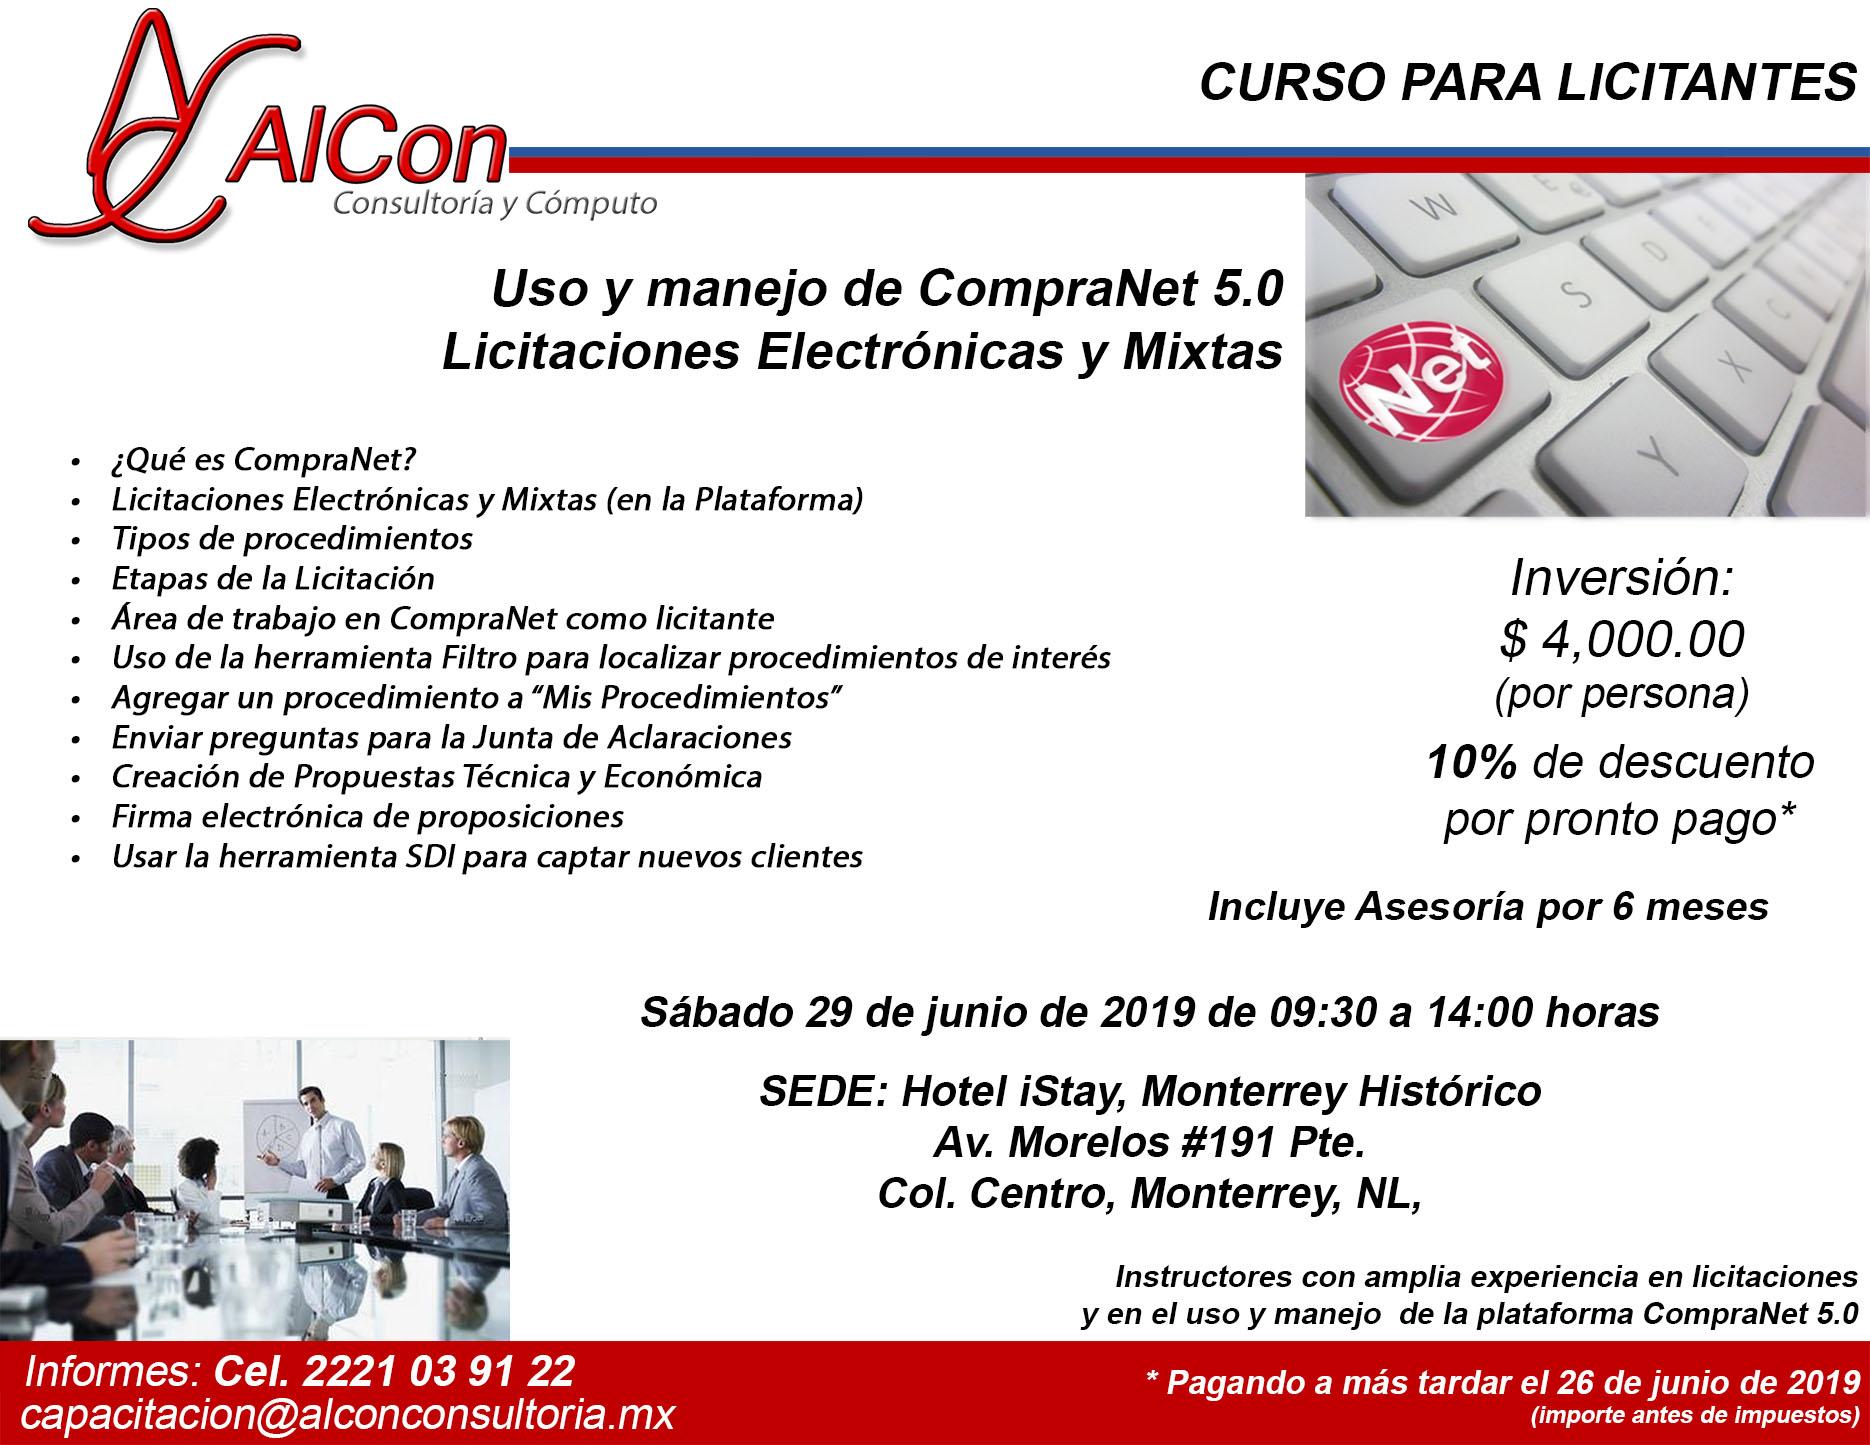 Curso de CompraNet 5.0, Monterrey AlCon Consultoría y Cómputo